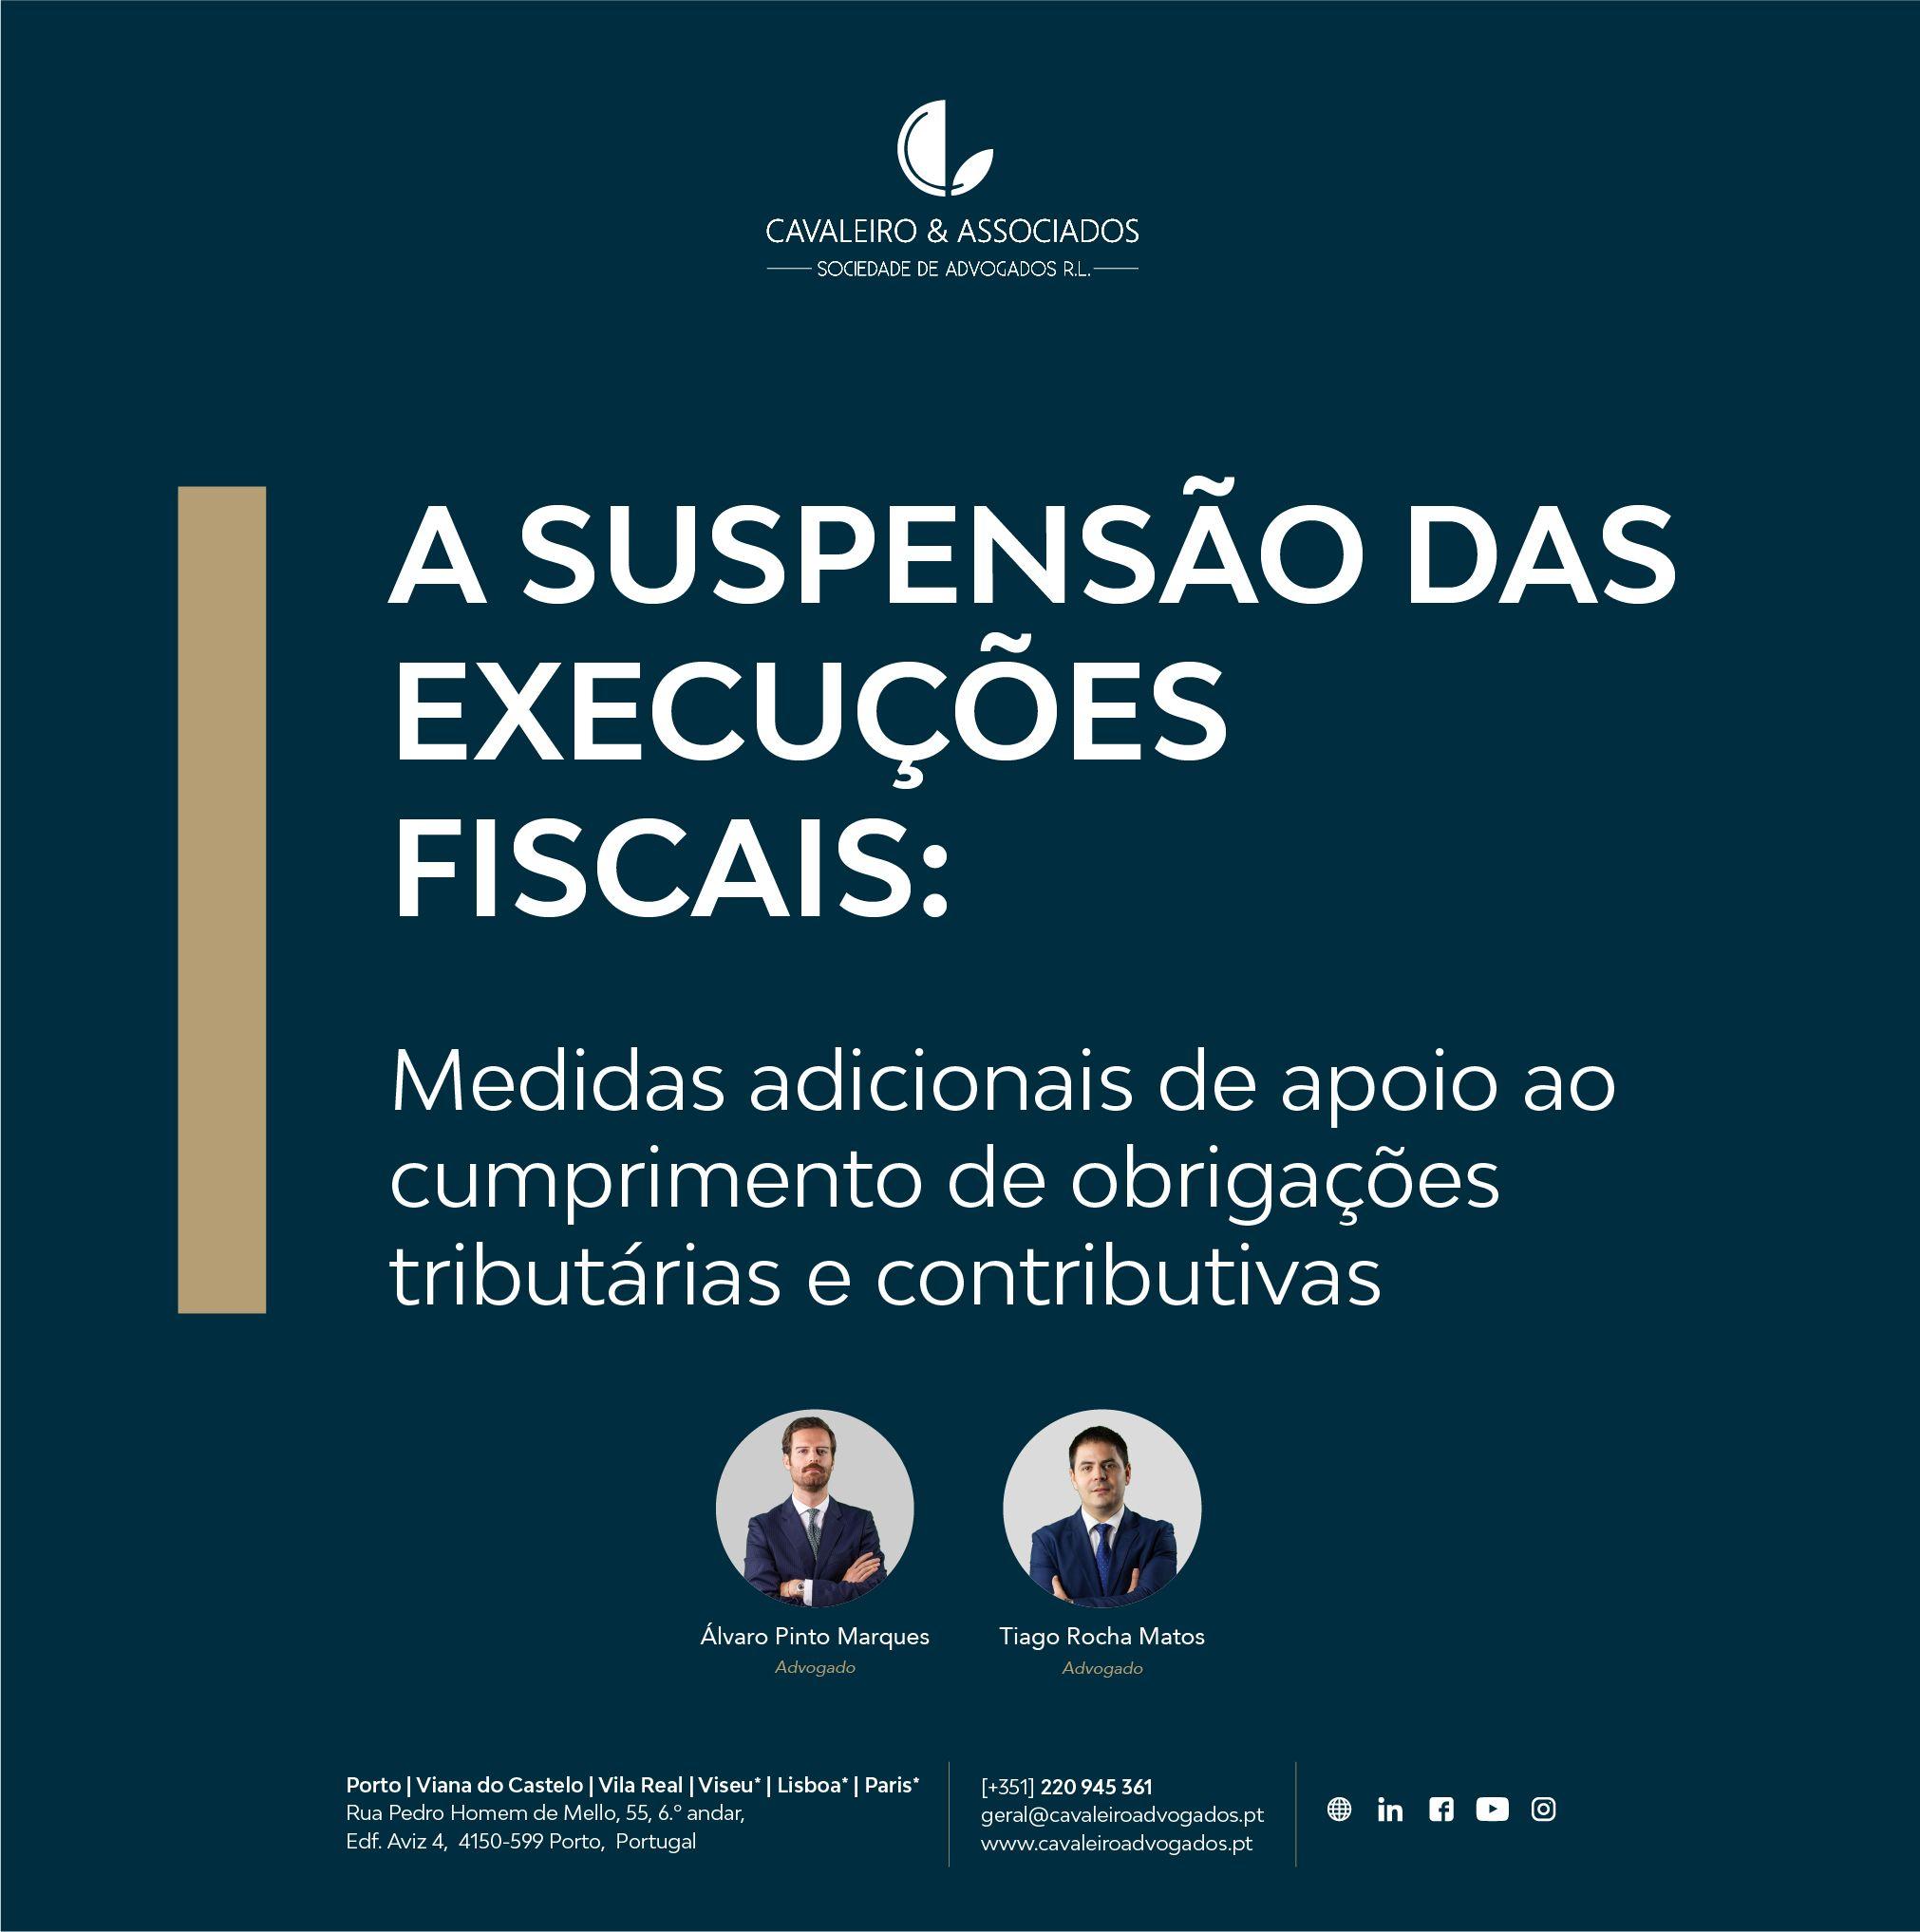 A suspensão das execuções fiscais